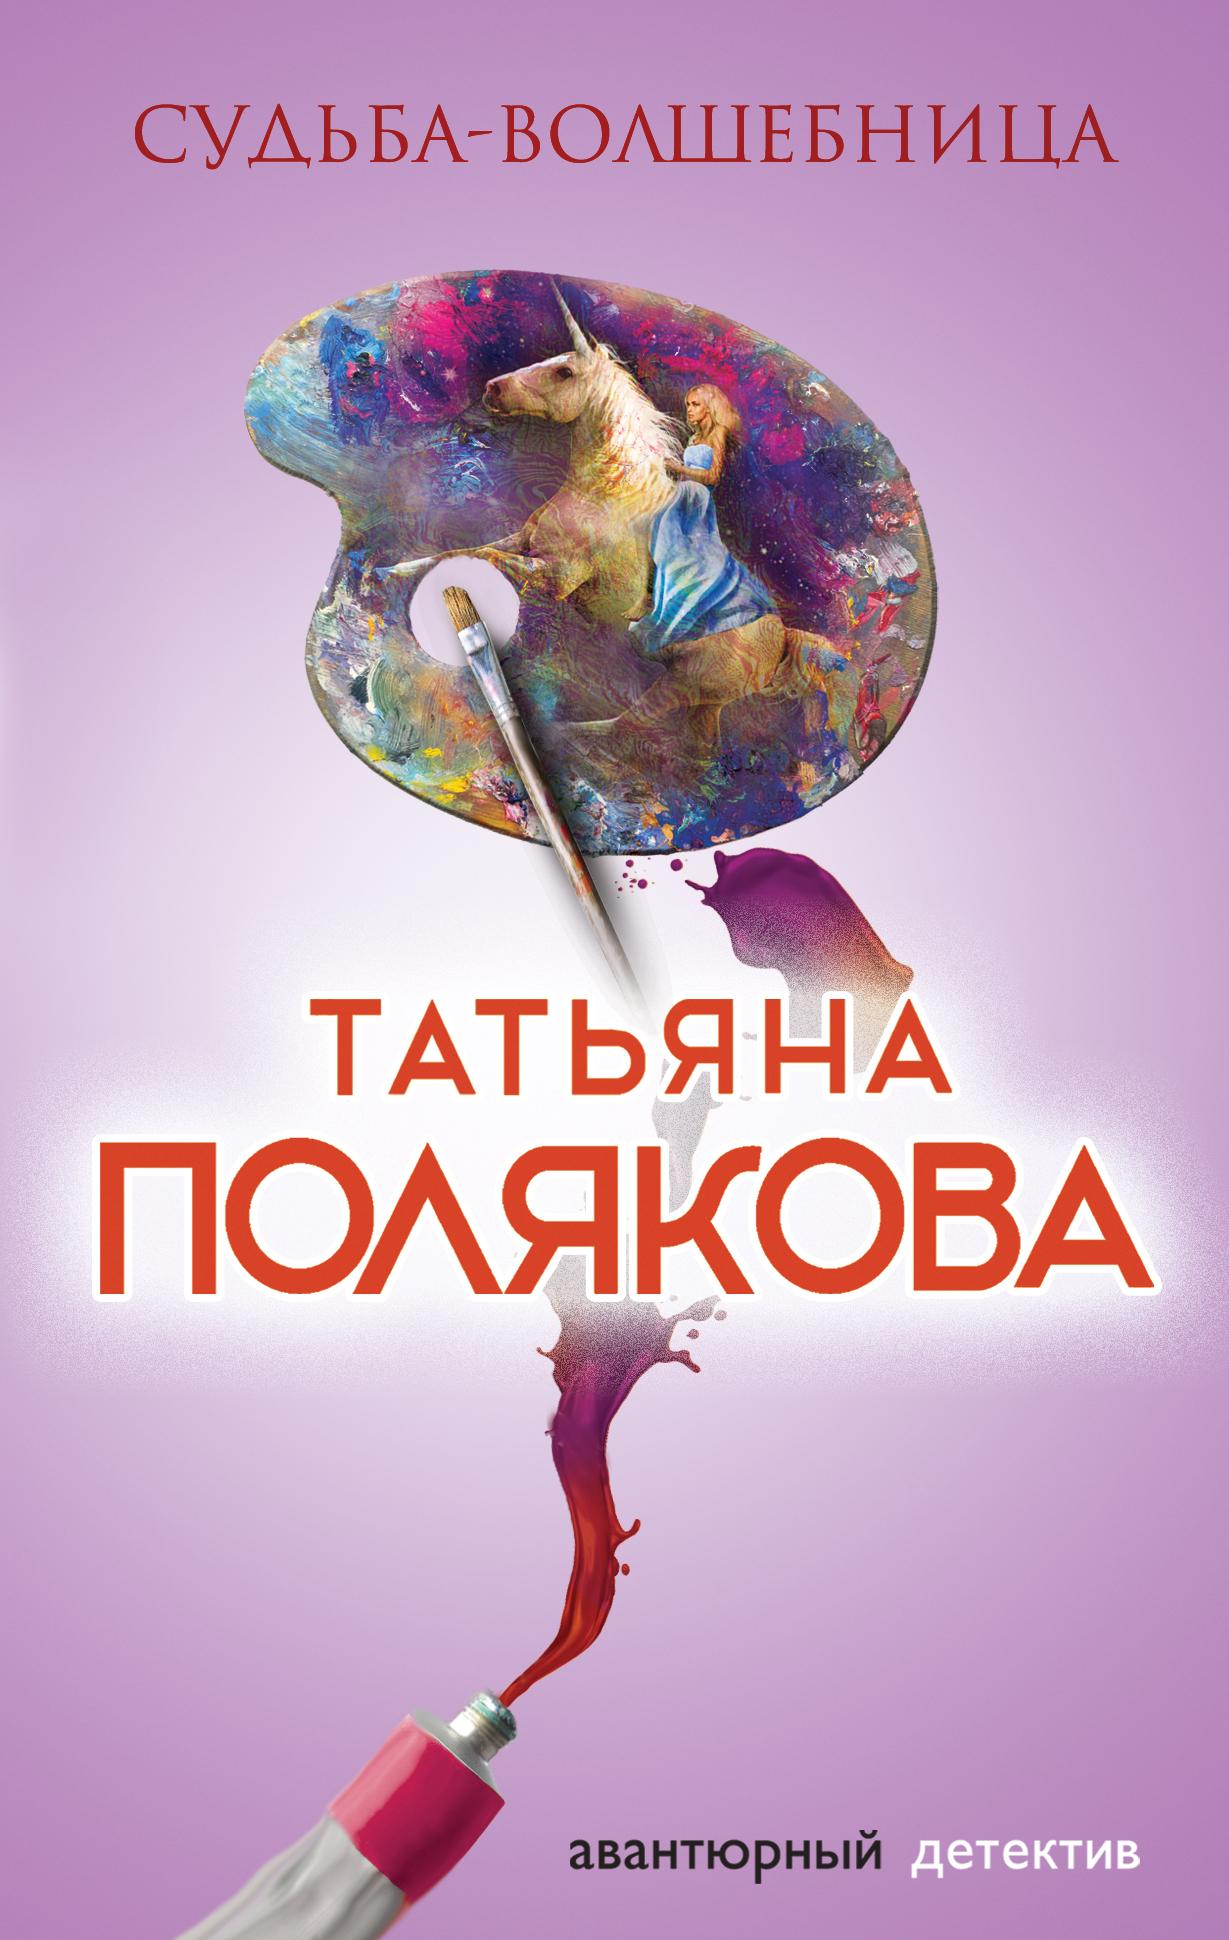 хорошая полякова список книг по дате выхода Кольском